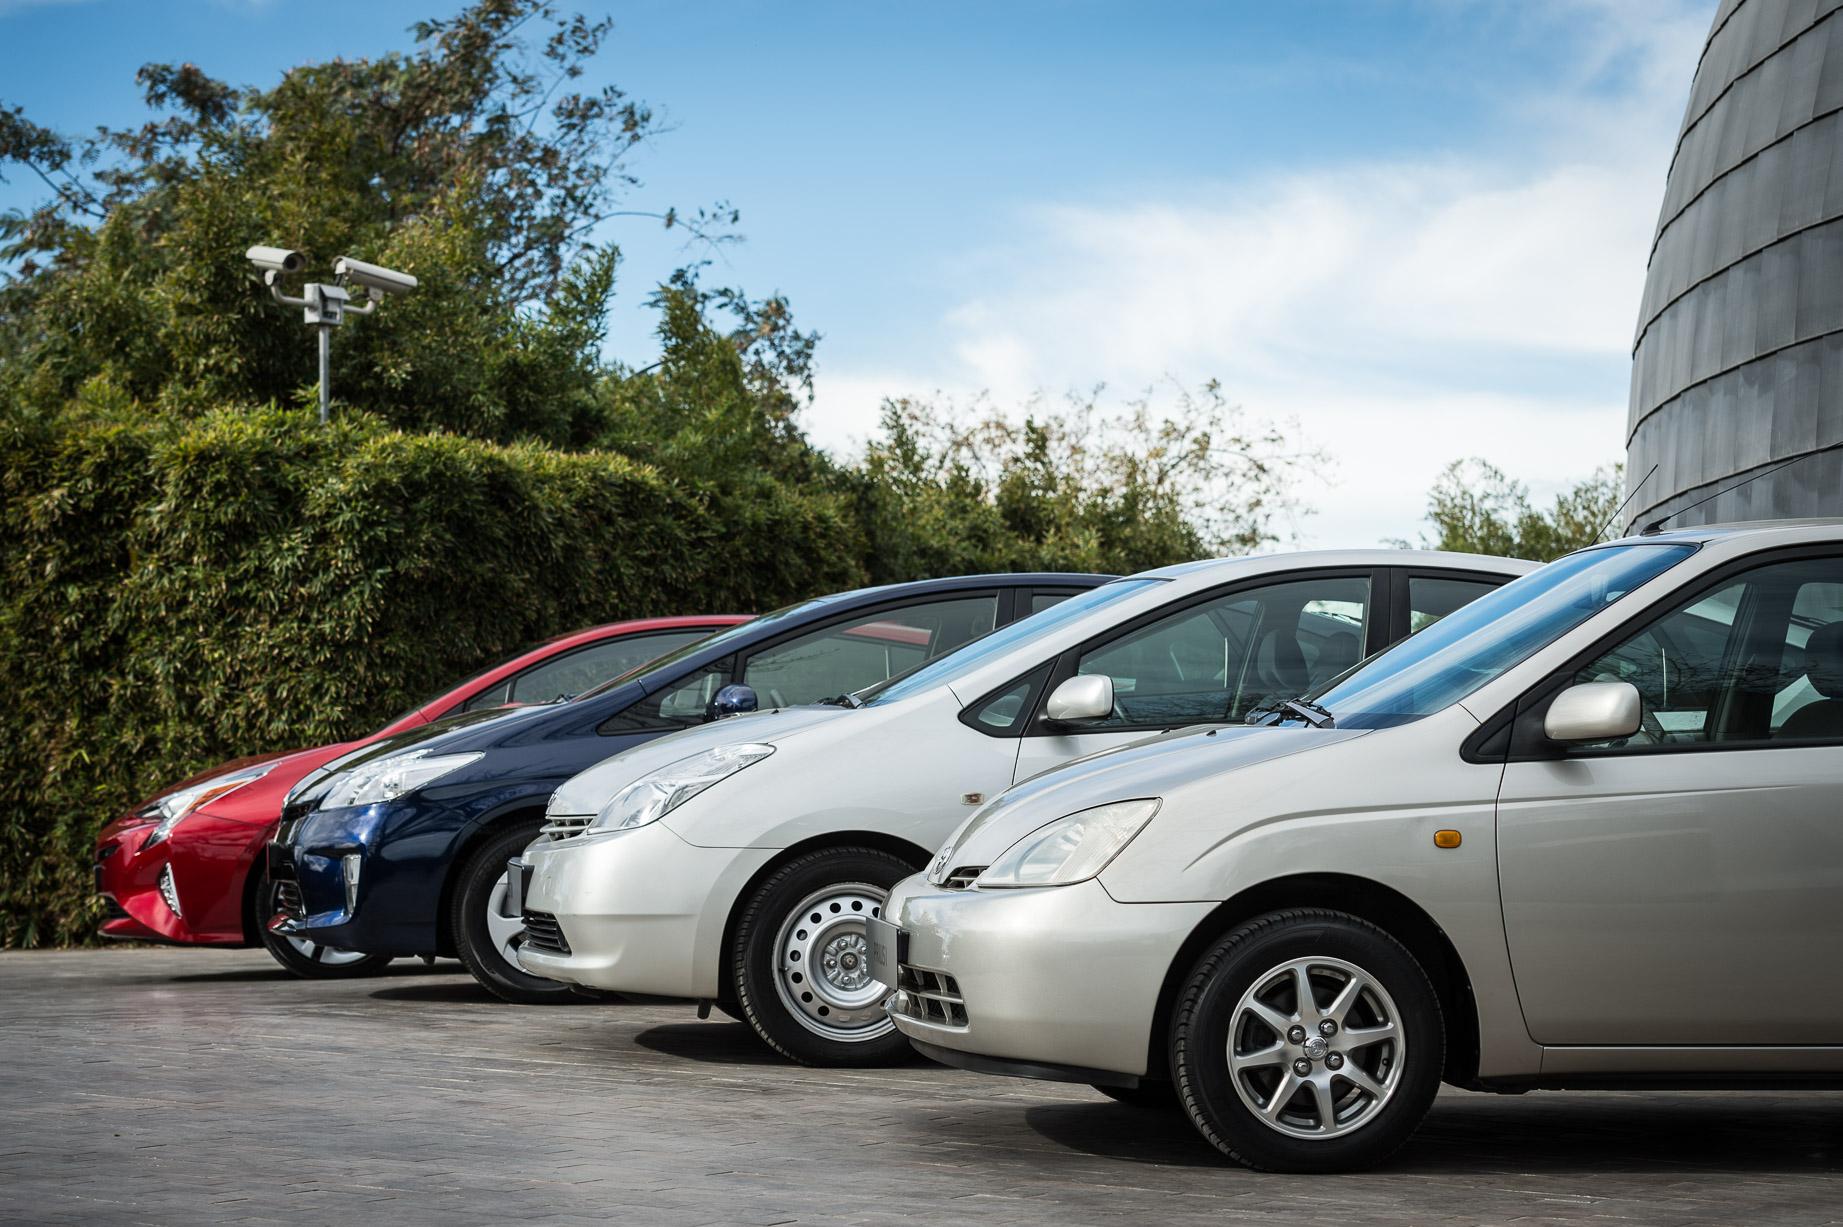 Toyota Hybrid Cars >> Hybrid cars: an introduction - Toyota